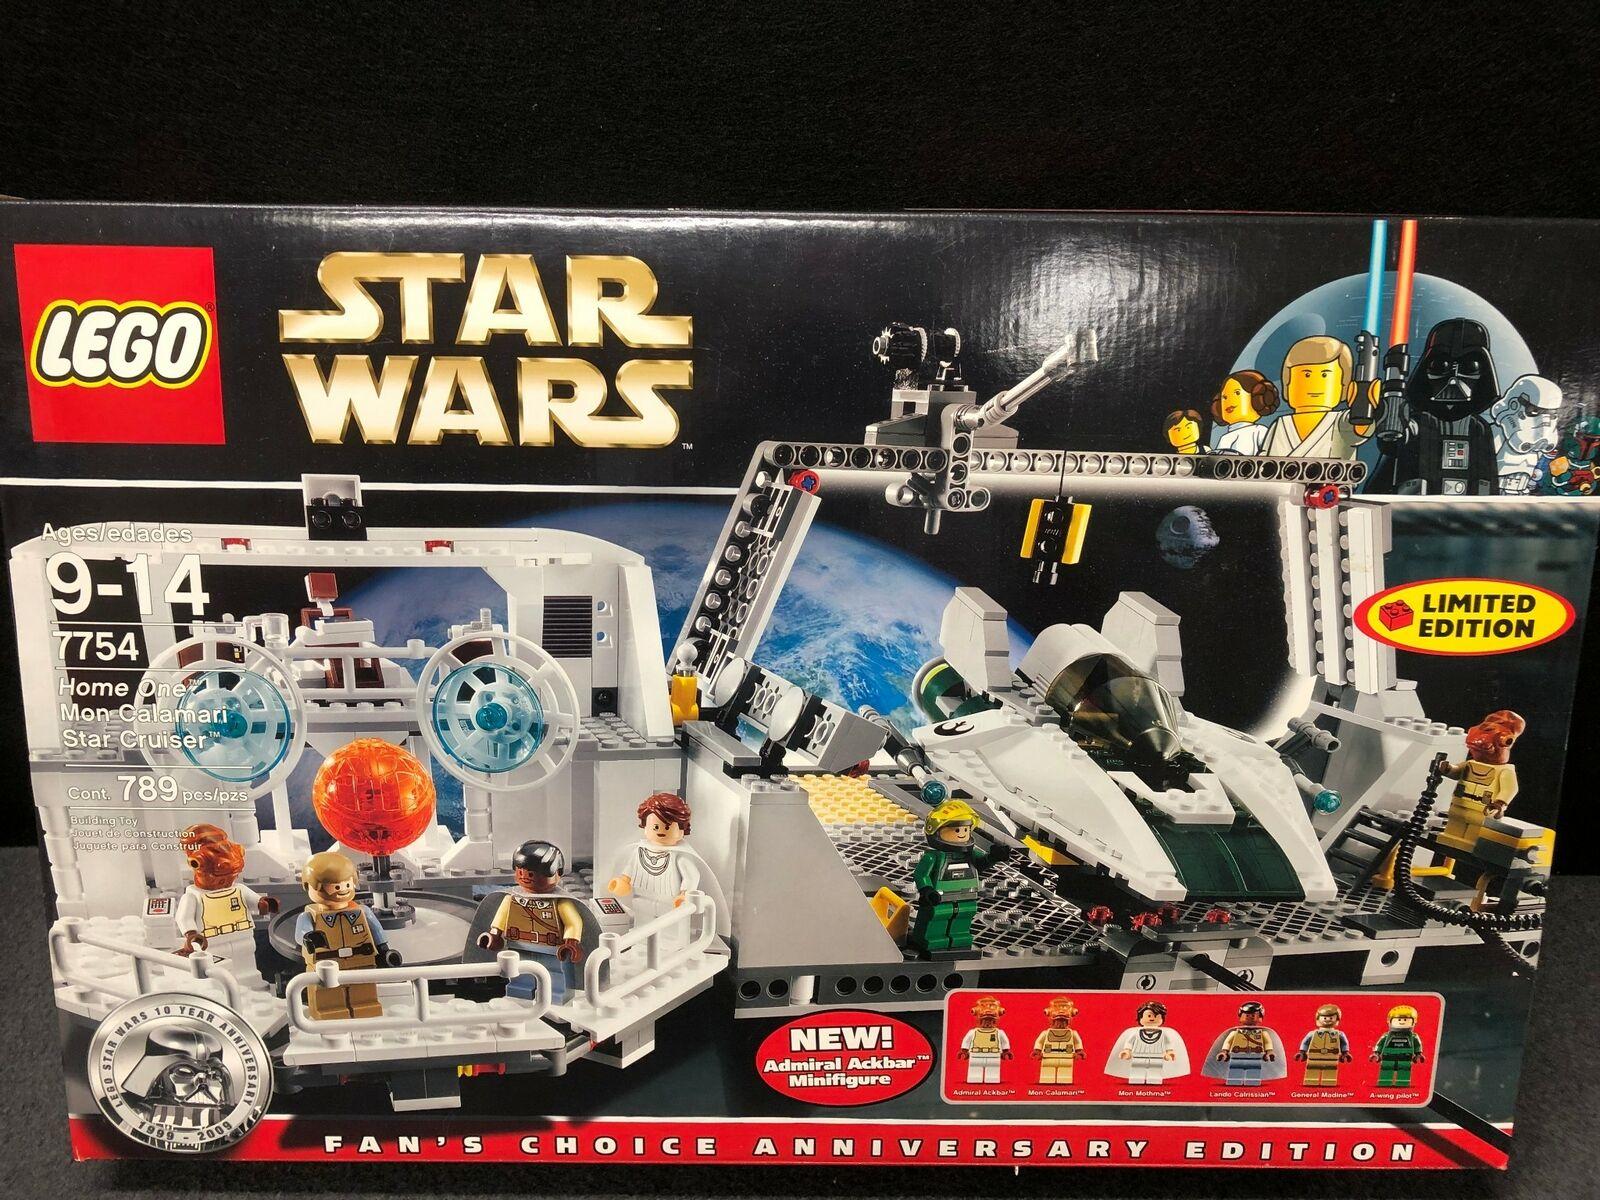 LEGO BRAND STAR WARS 7754 HOME HOME HOME ONE MON CALAMARI STAR CRUISER NEW NIB 10th ANNIV 81d53b